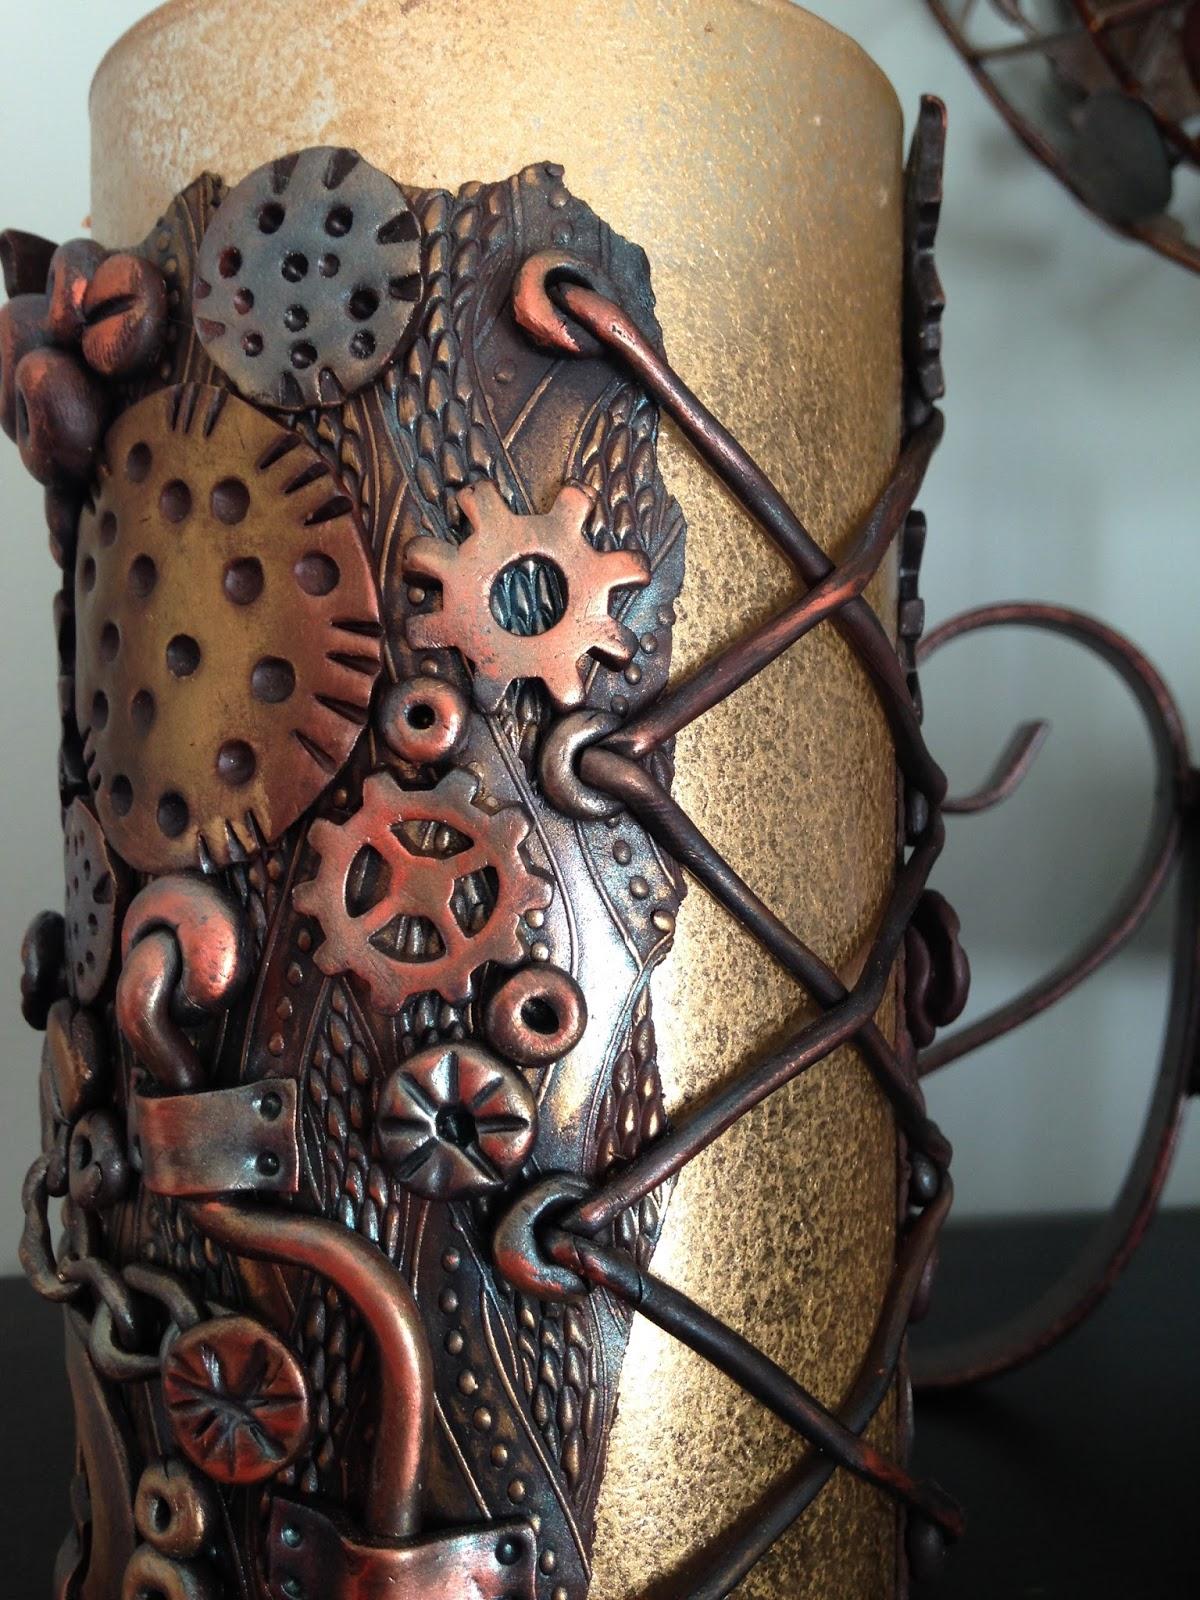 Luna Blue Creations Metallic Steampunk Design Polymer Clay Vase